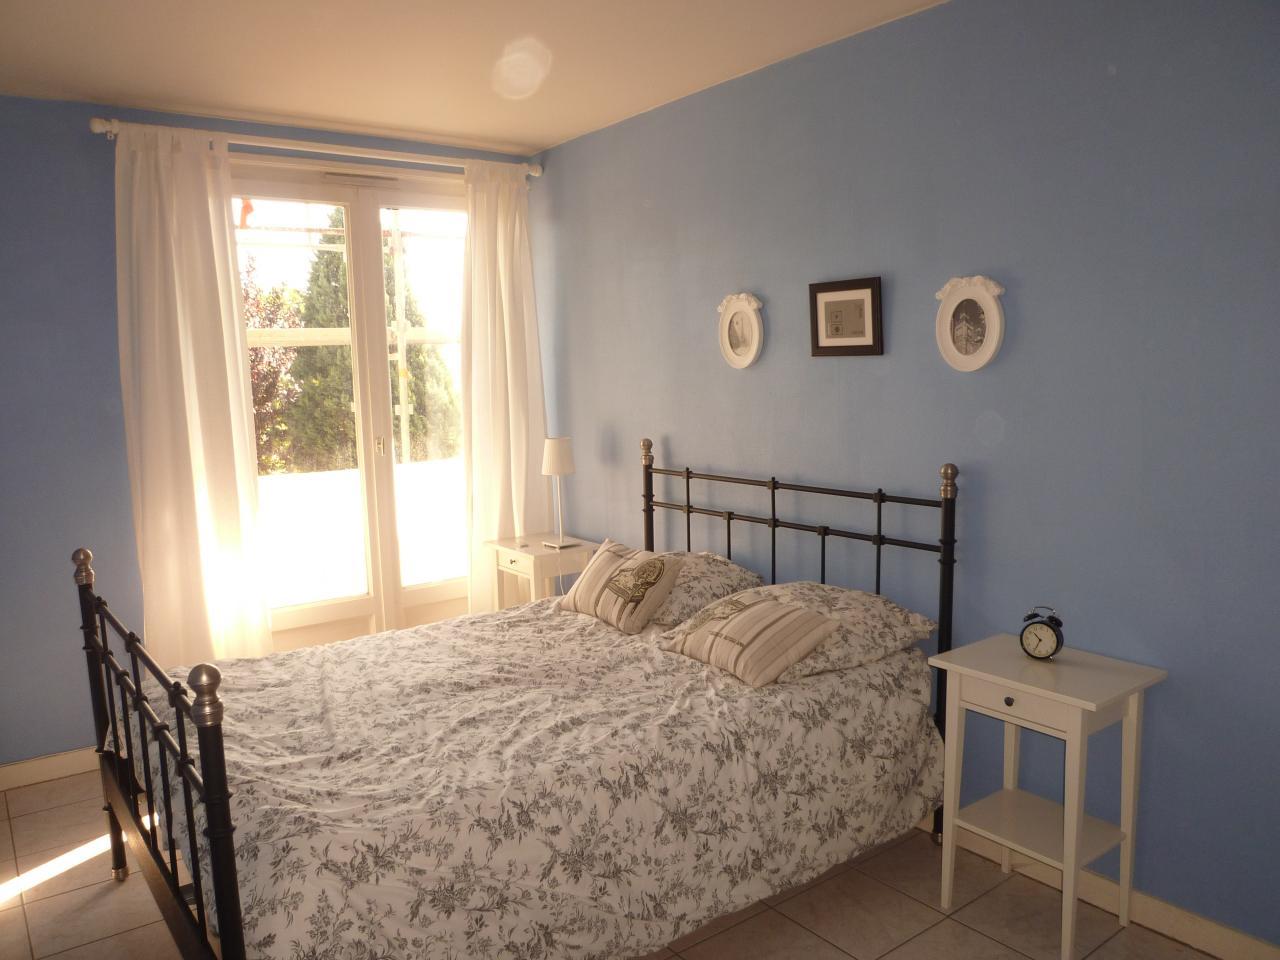 location appartements studio f1 f2 f3 f4 de particulier particulier et maisons vides ou. Black Bedroom Furniture Sets. Home Design Ideas